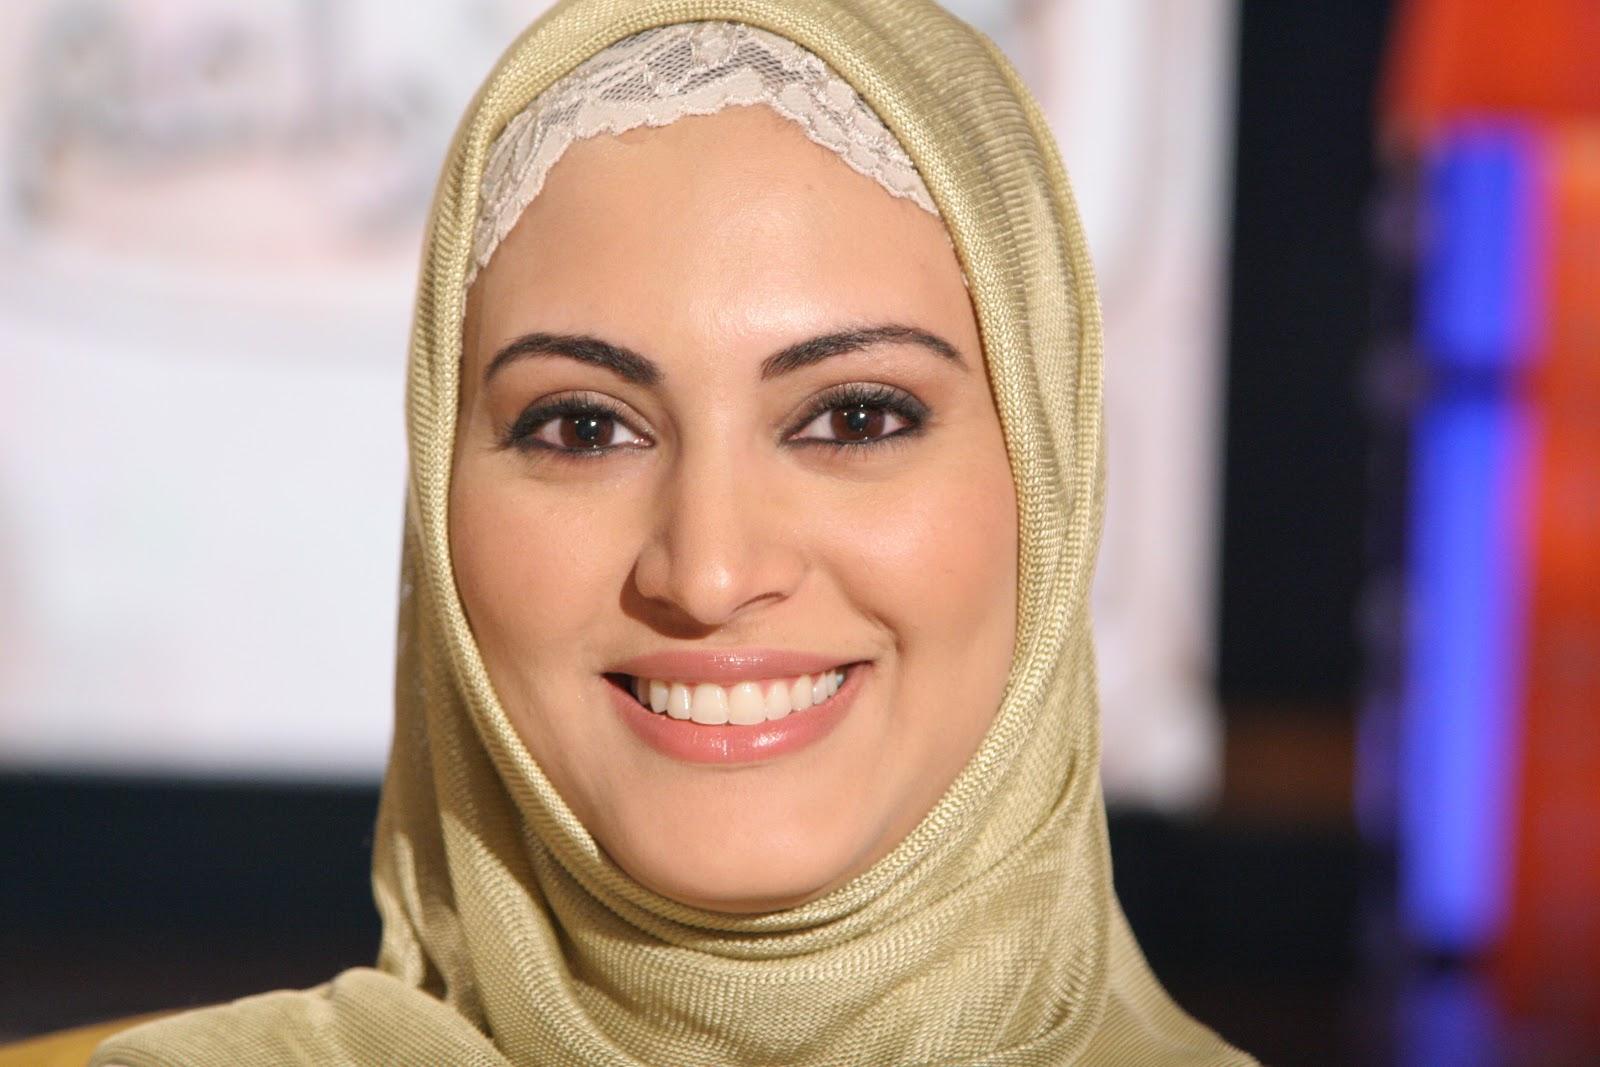 بالصور جمال ايرانيات , اذا اردت الجمال تعرف علي بنات ايران. 4964 3